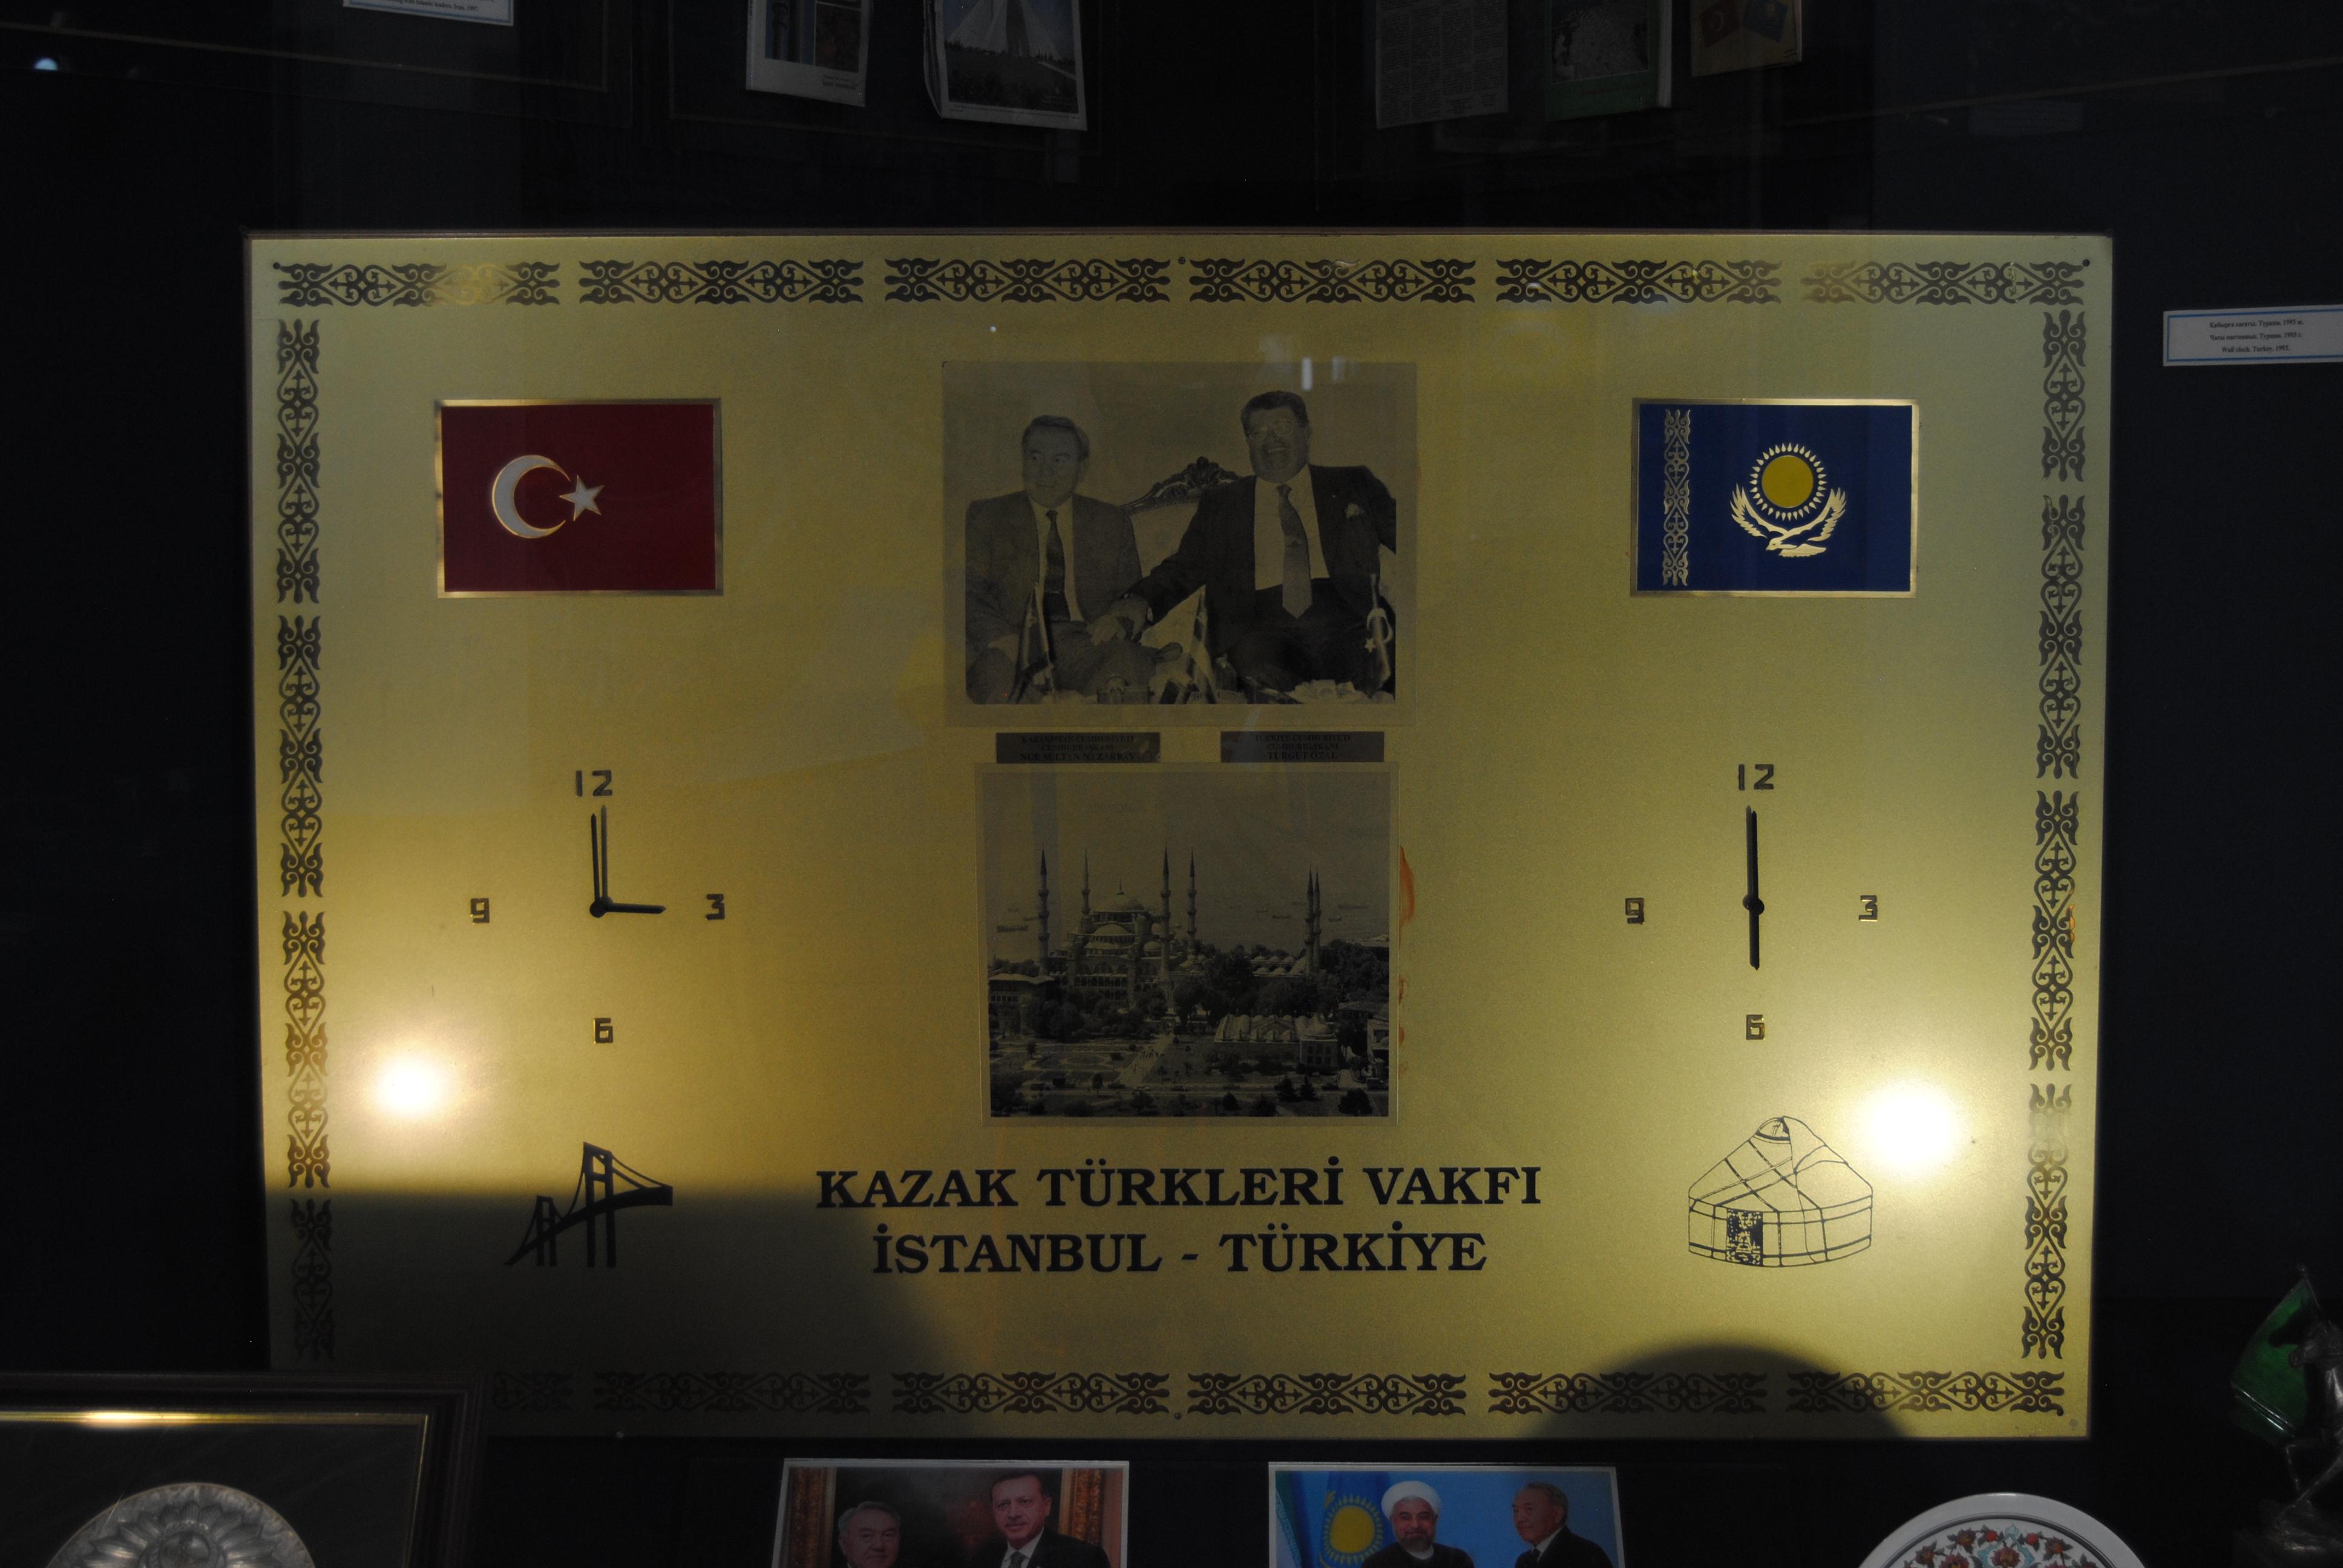 Regalo de Turquía a Nazarbayev en el Museo de Historia de Kazajistán